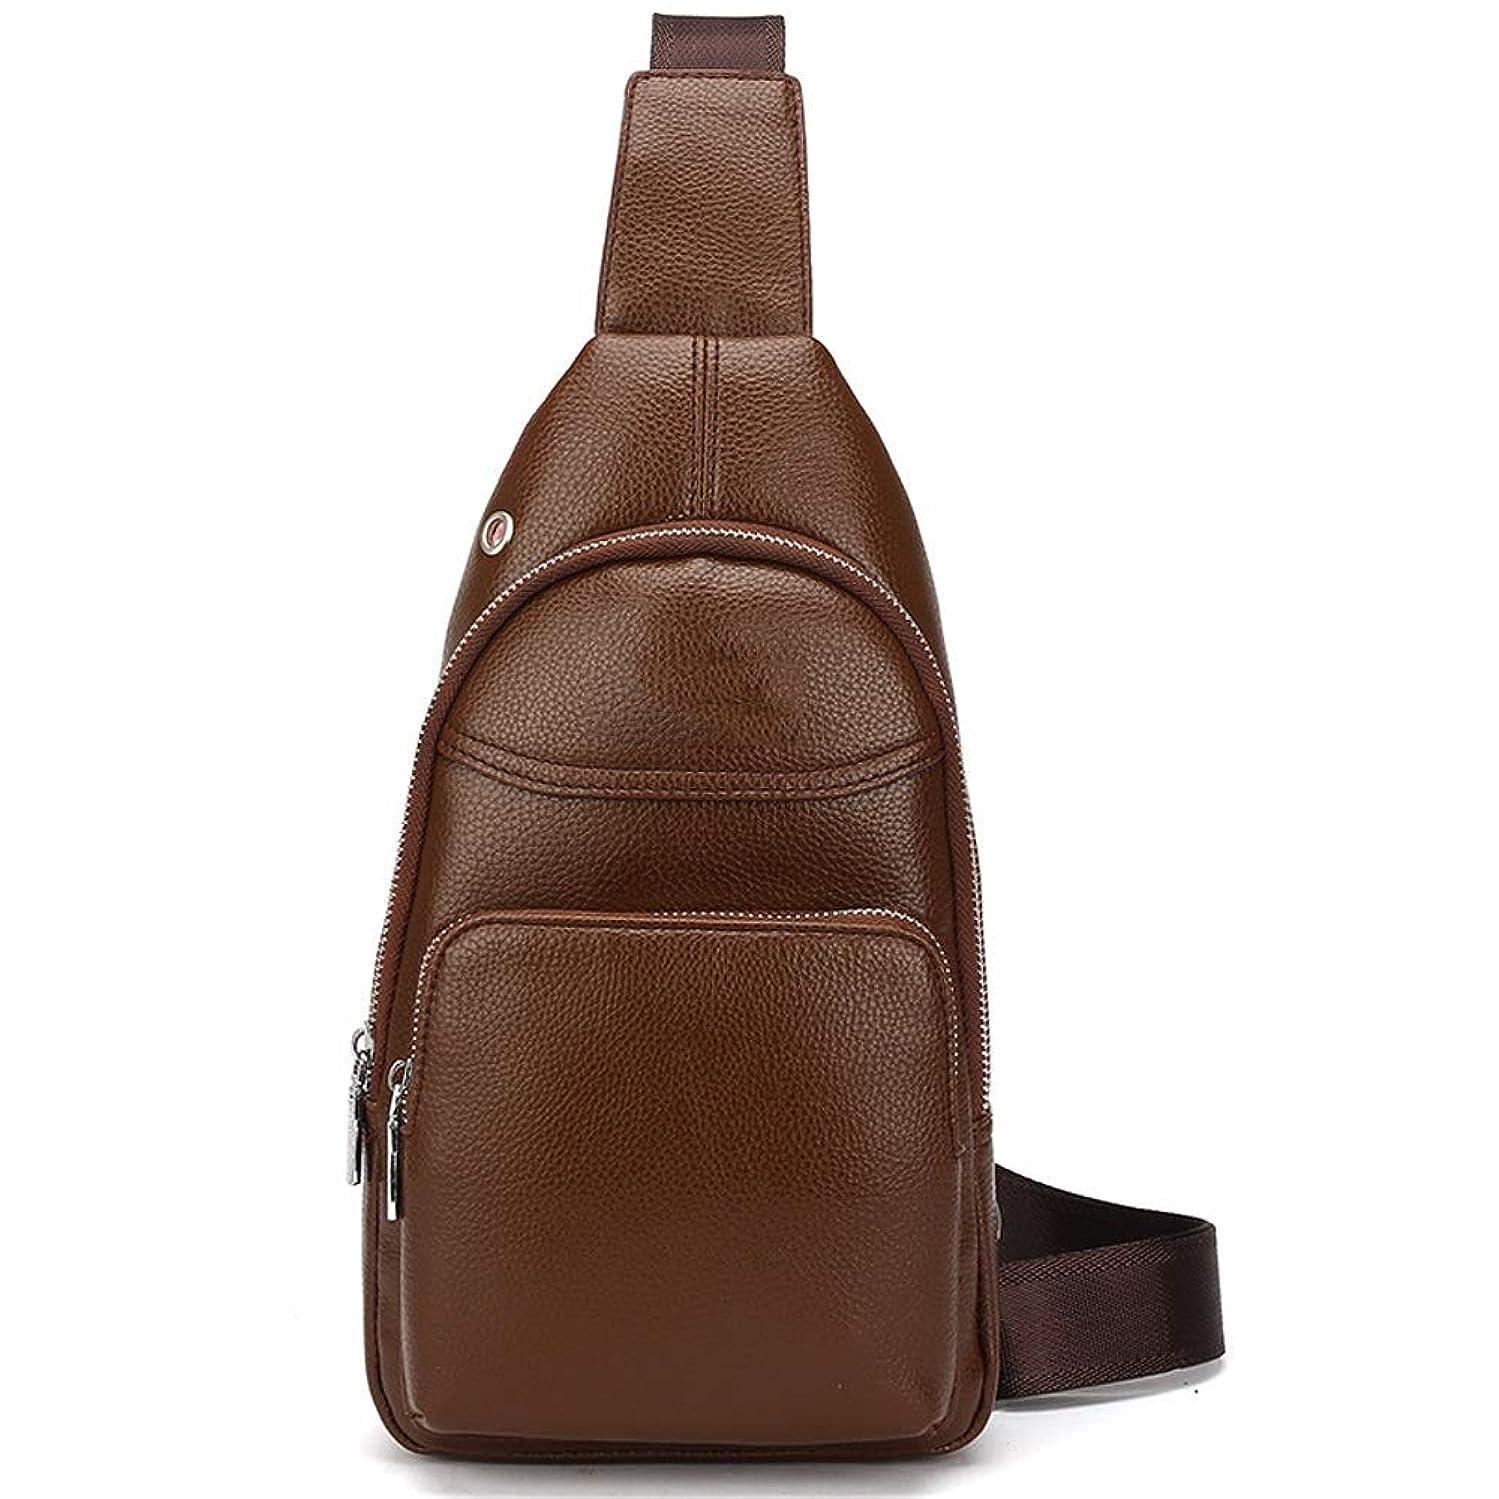 NY-close Men's Chest Bag, Chest Strap Shoulder Bag Messenger Bag Diagonal Zipper Shoulder Bag, Fashion Outdoor Leisure Bag, Hiking Backpack Business Casual Sports (Color : Khaki)